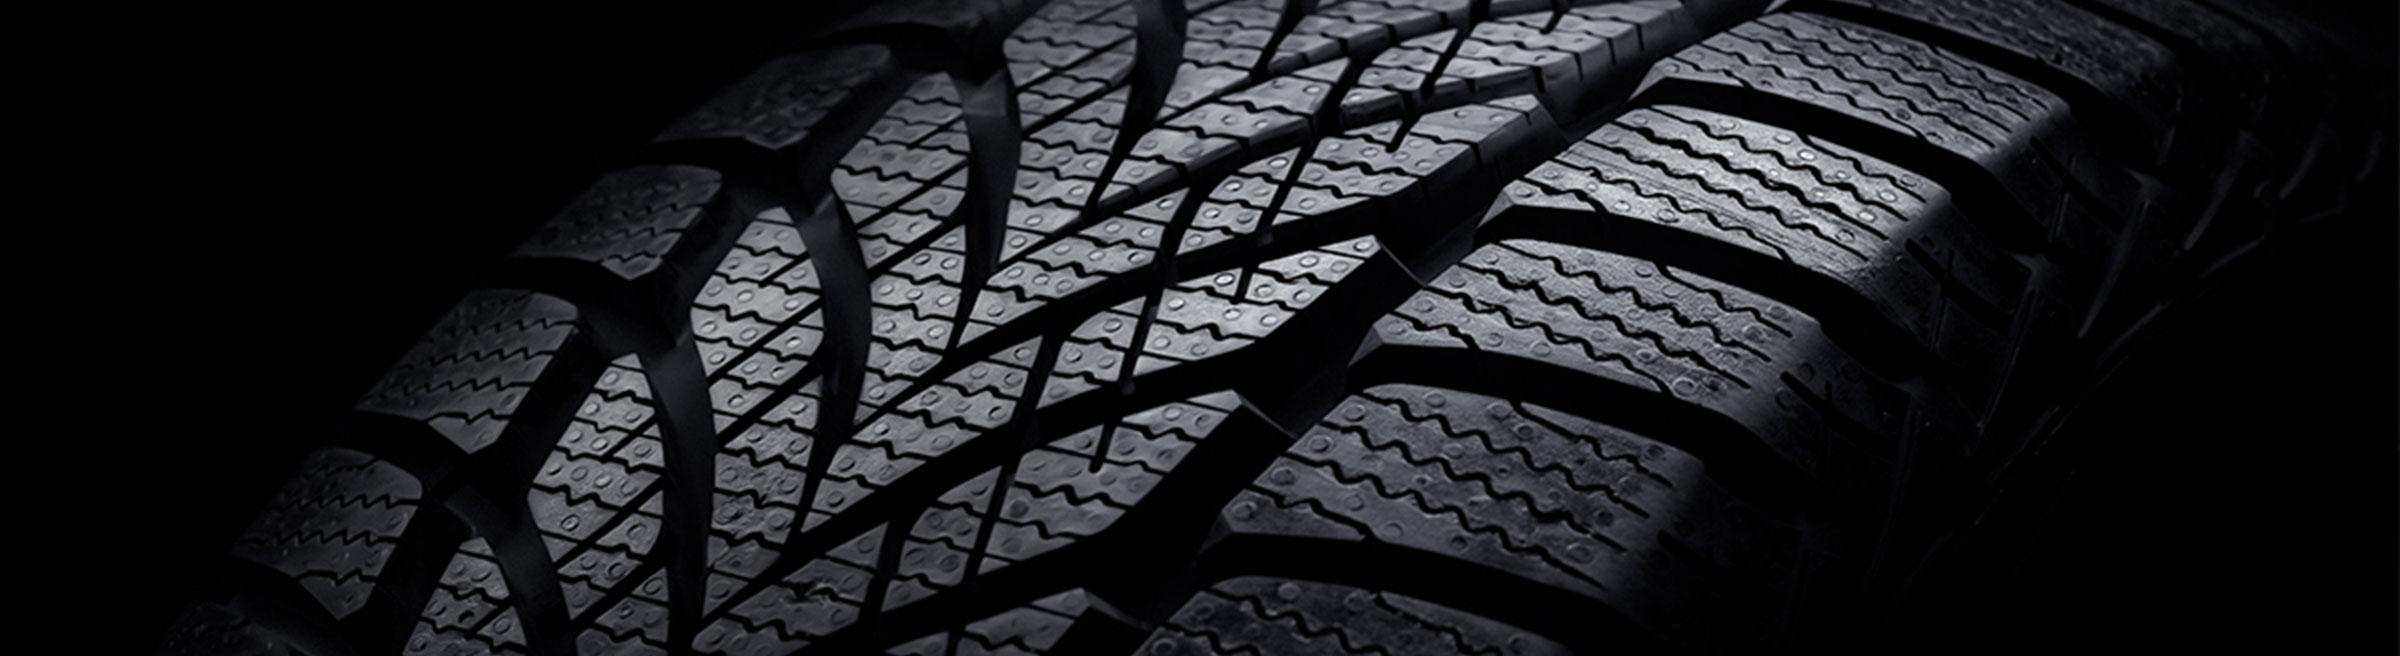 Vinterdäck - 10 saker att tänka på. Vinterdäck till Audi, SEAT, SKODA eller Volkswagen på Toveks Bil.